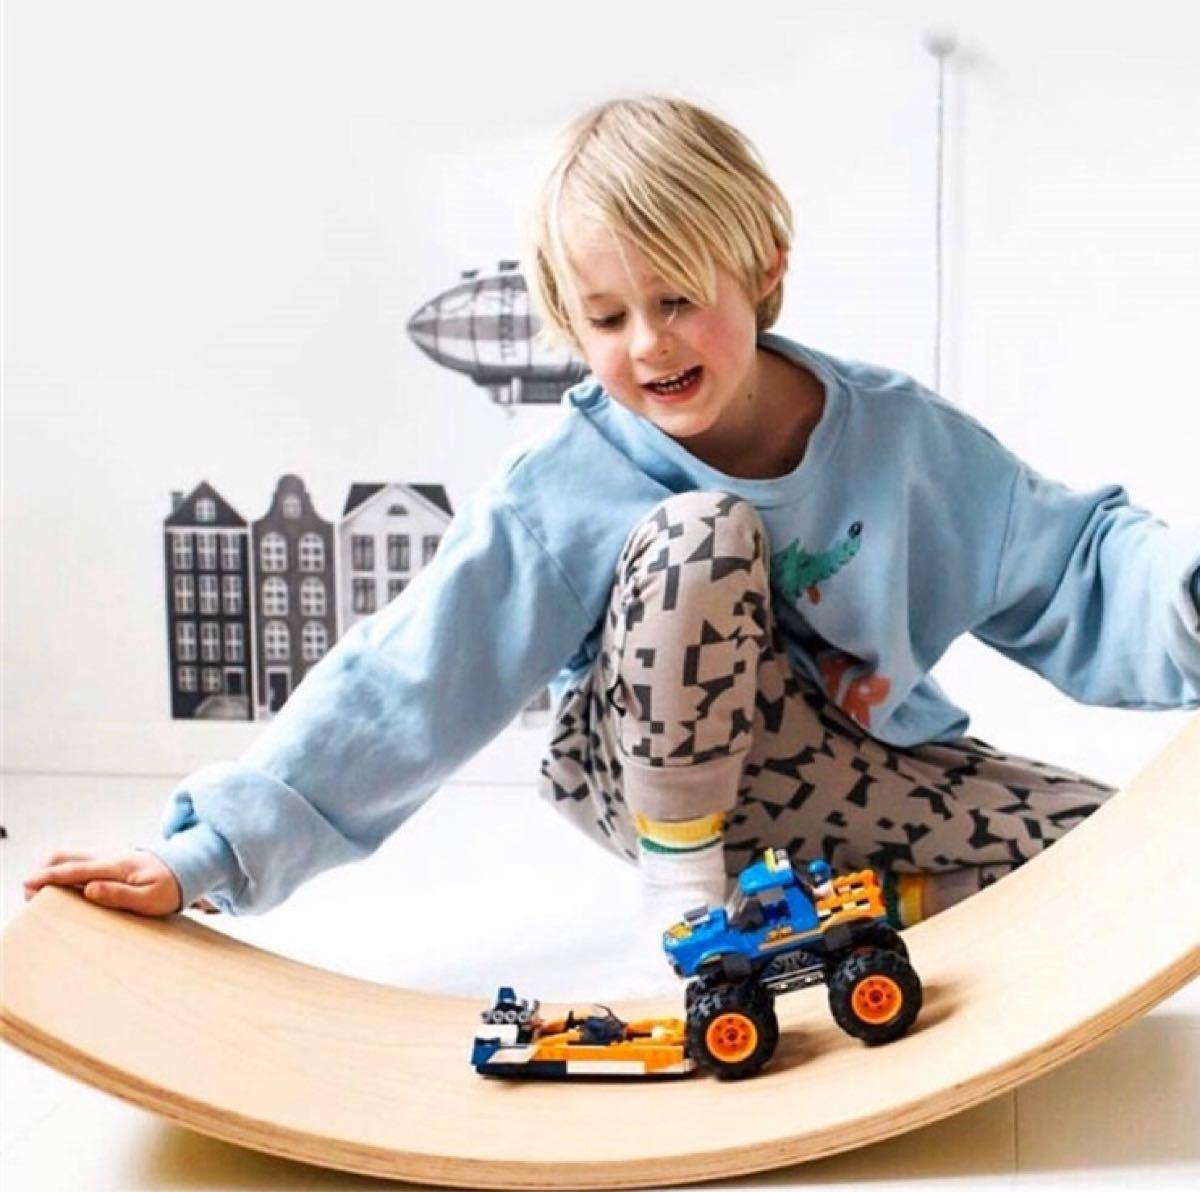 木製バランスボード 踏み台 子供向け 乗用玩具 アウトドア 知育玩具 ダイエット